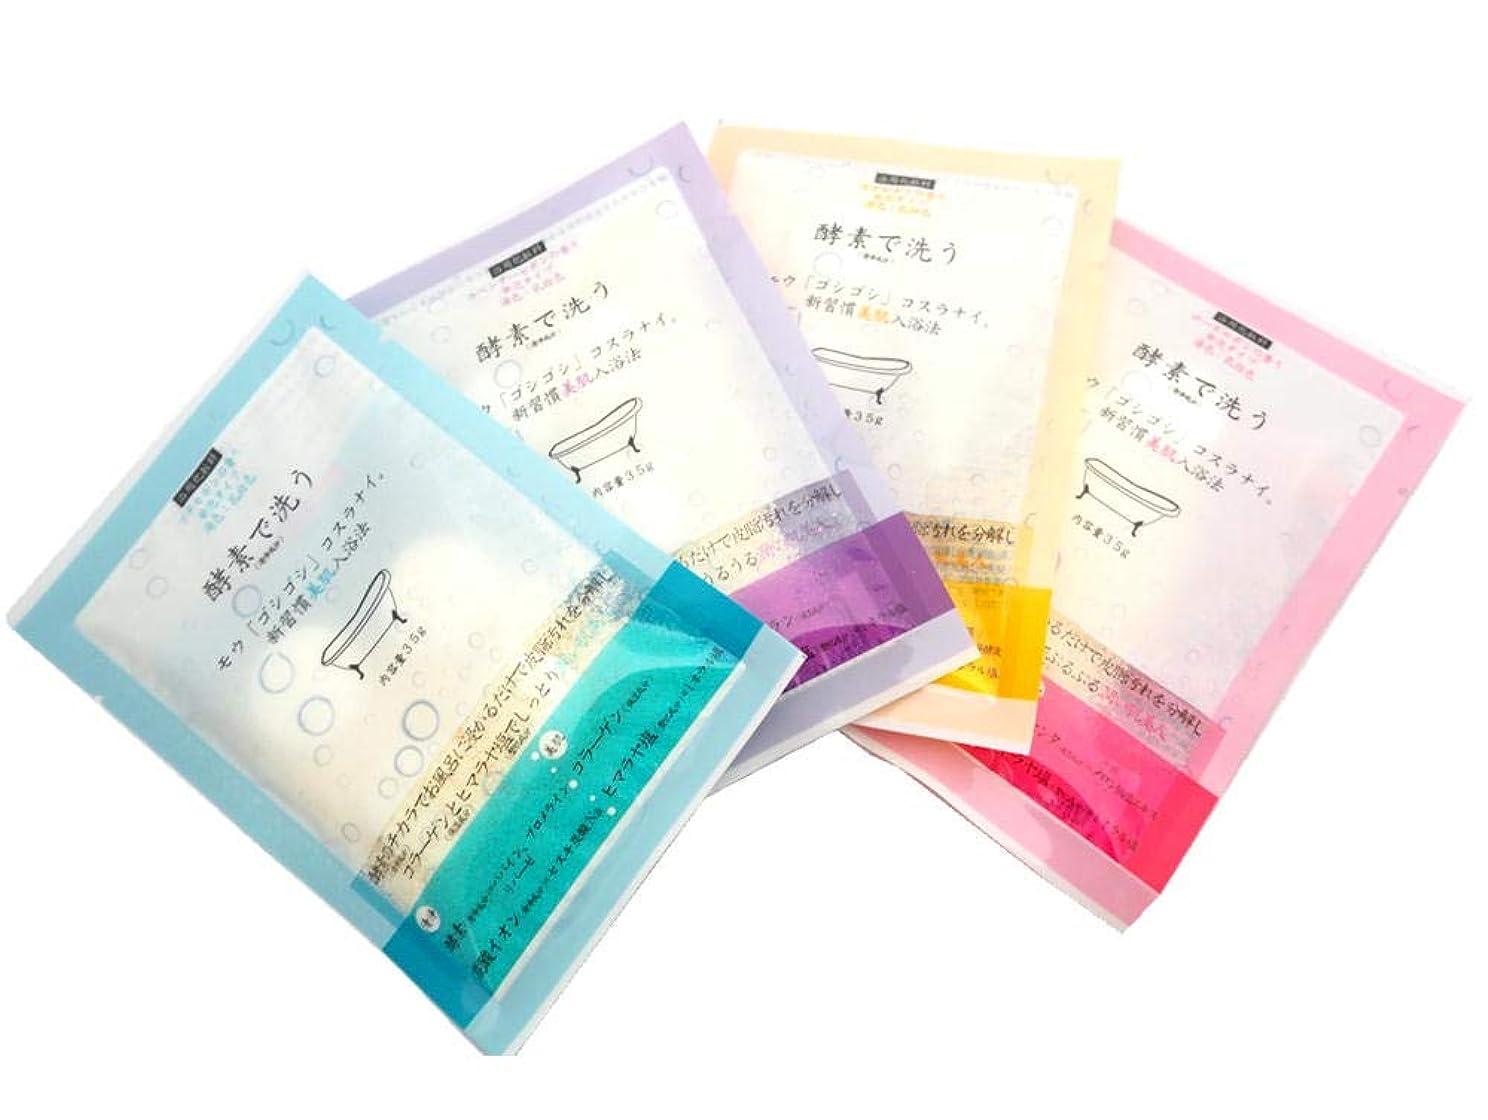 熟読する滴下尊敬する酵素で洗う入浴料 35g 4種詰め合わせセット 12個入り